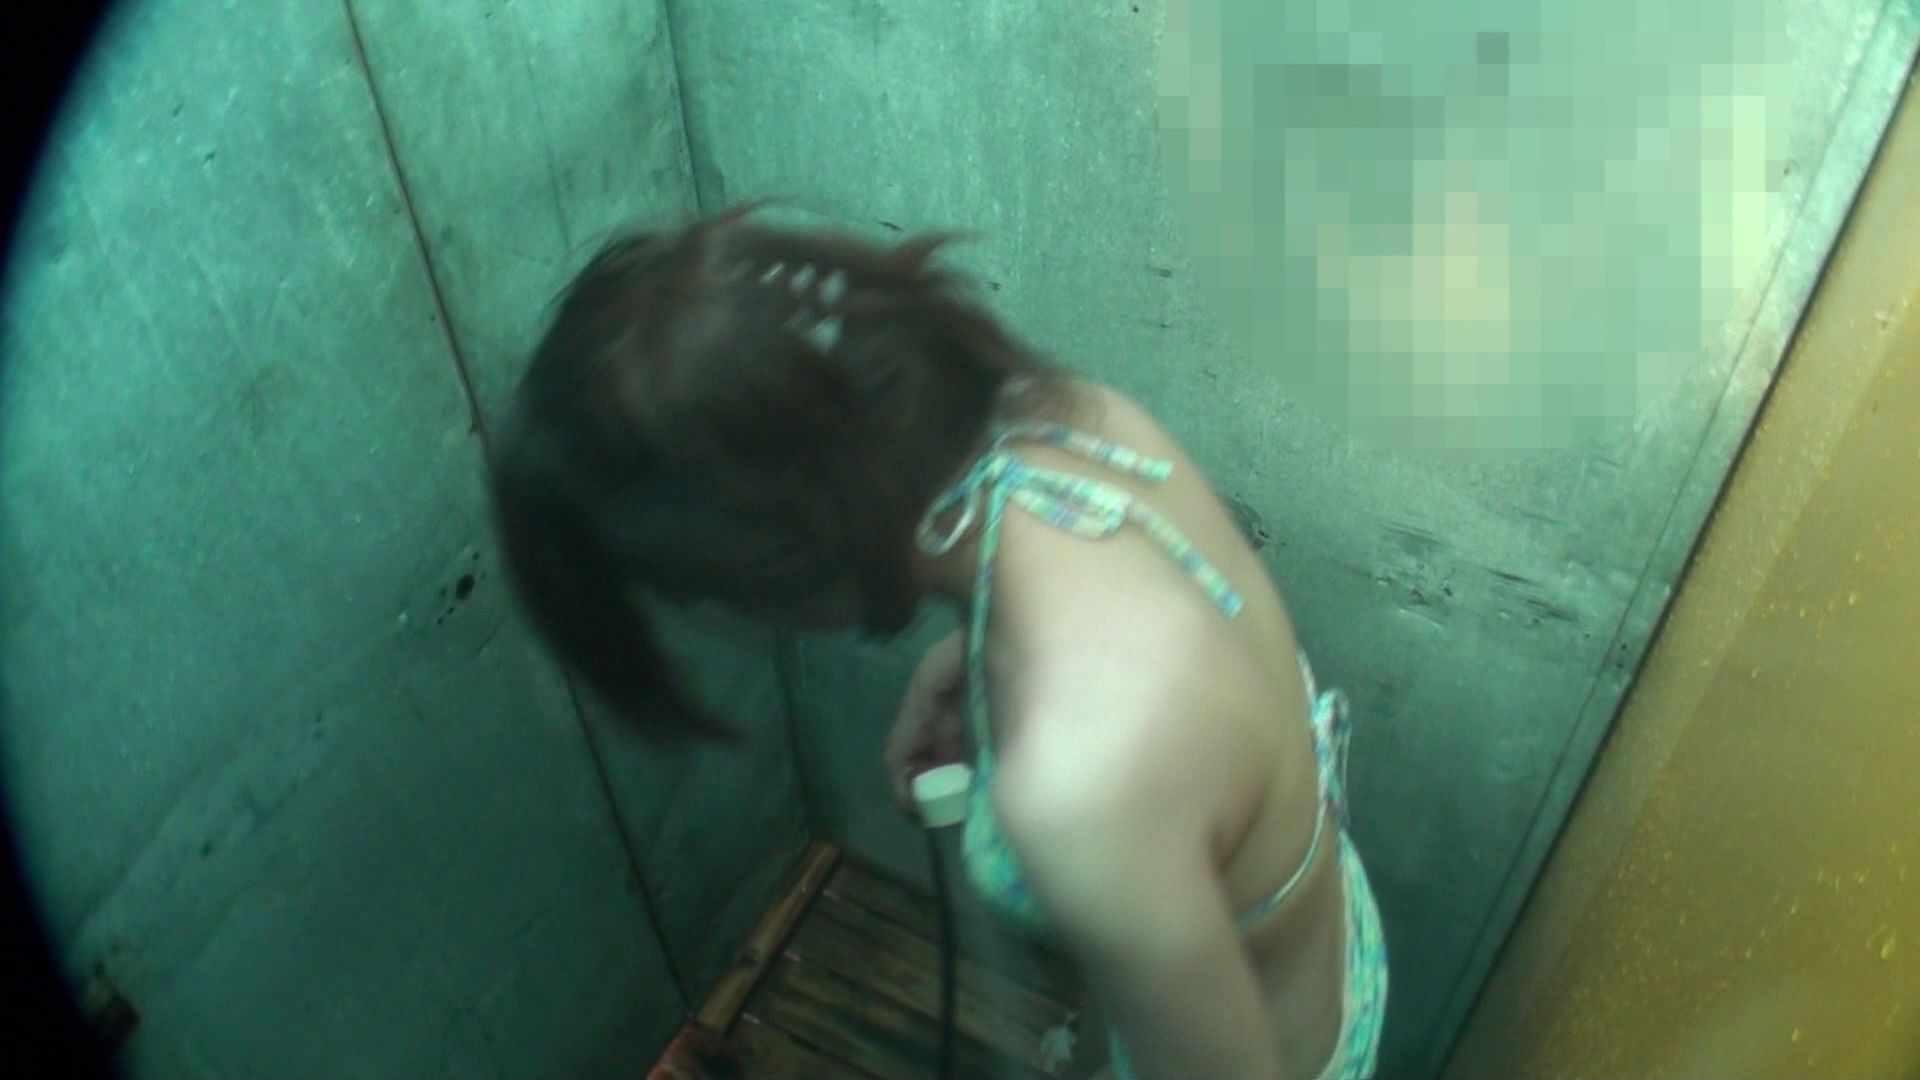 シャワールームは超!!危険な香りVol.15 残念ですが乳首未確認 マンコの砂は入念に マンコ   乳首  48連発 1